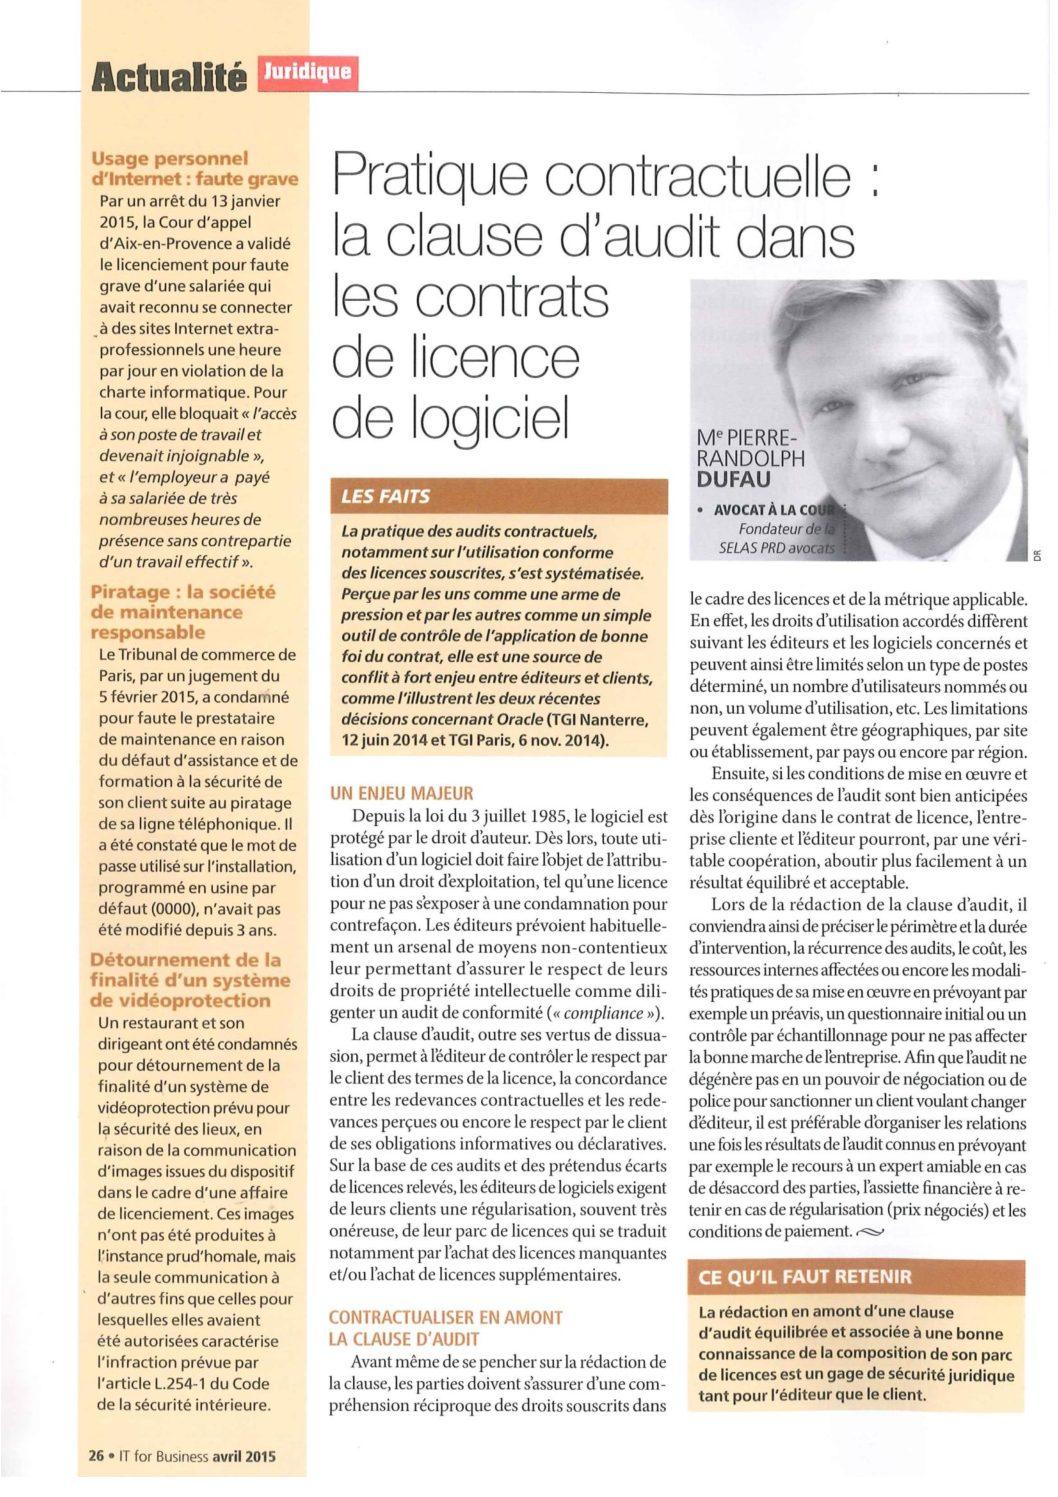 Pratique contractuelle : la clause d'audit dans les contrats de licence de logiciel